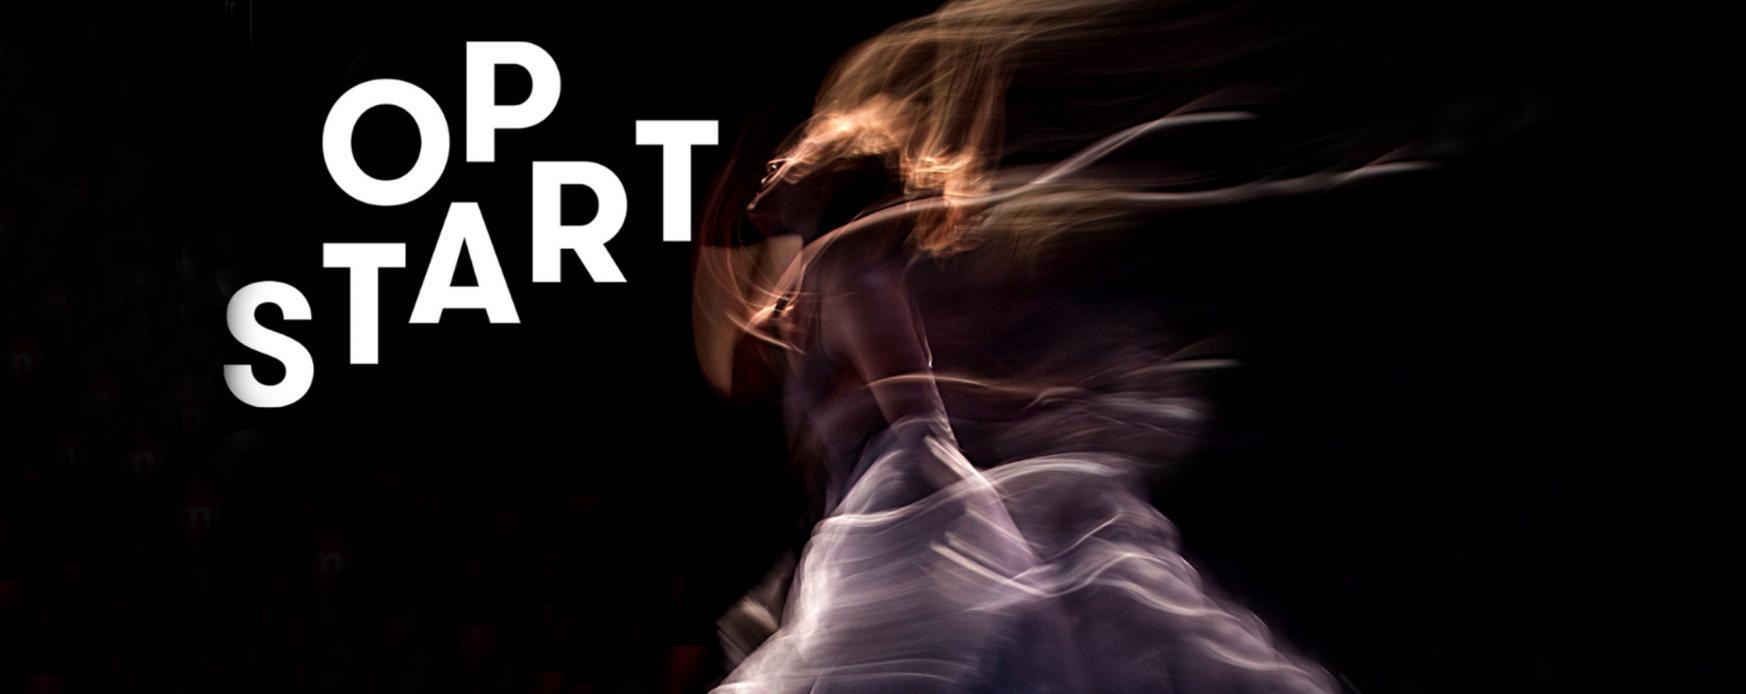 Nordisk kulturkontakt Opstart deadline